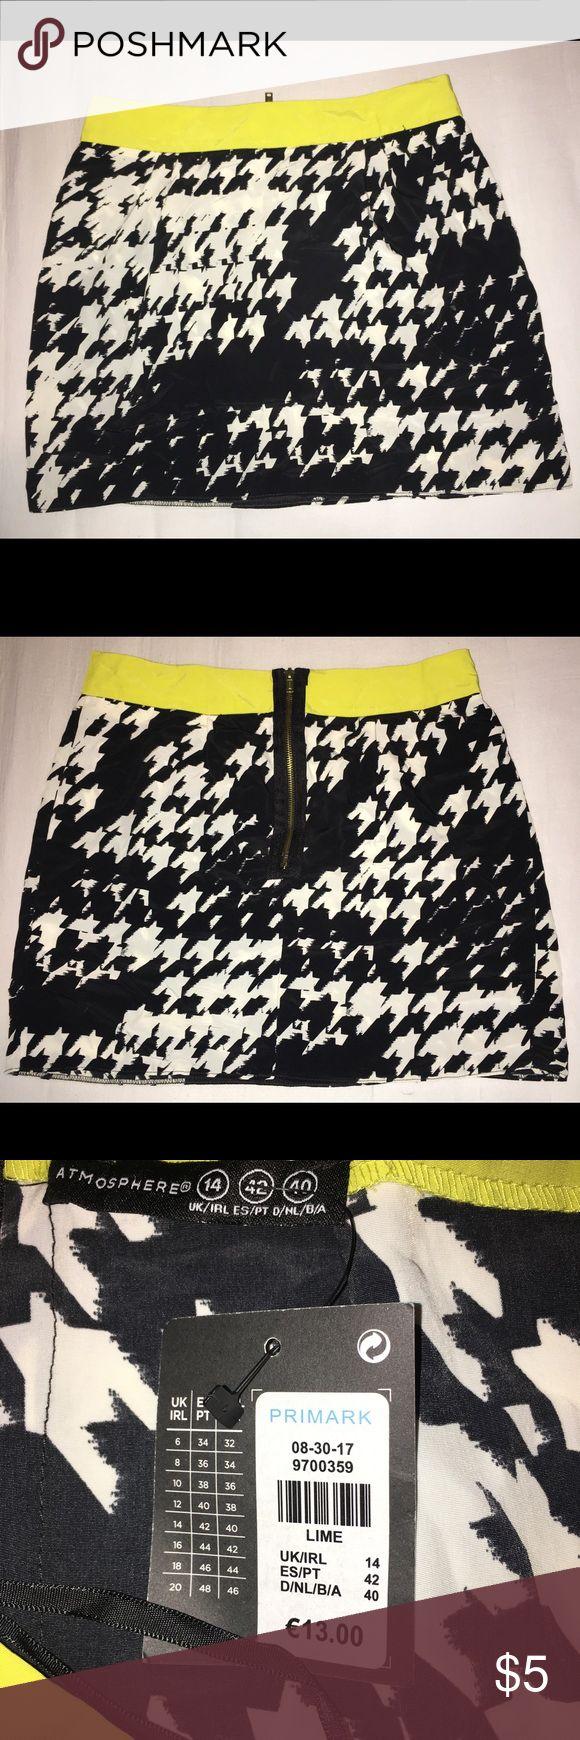 Black, white and lime green skirt Brand new skirt from Primark. Never worn primark Skirts Mini